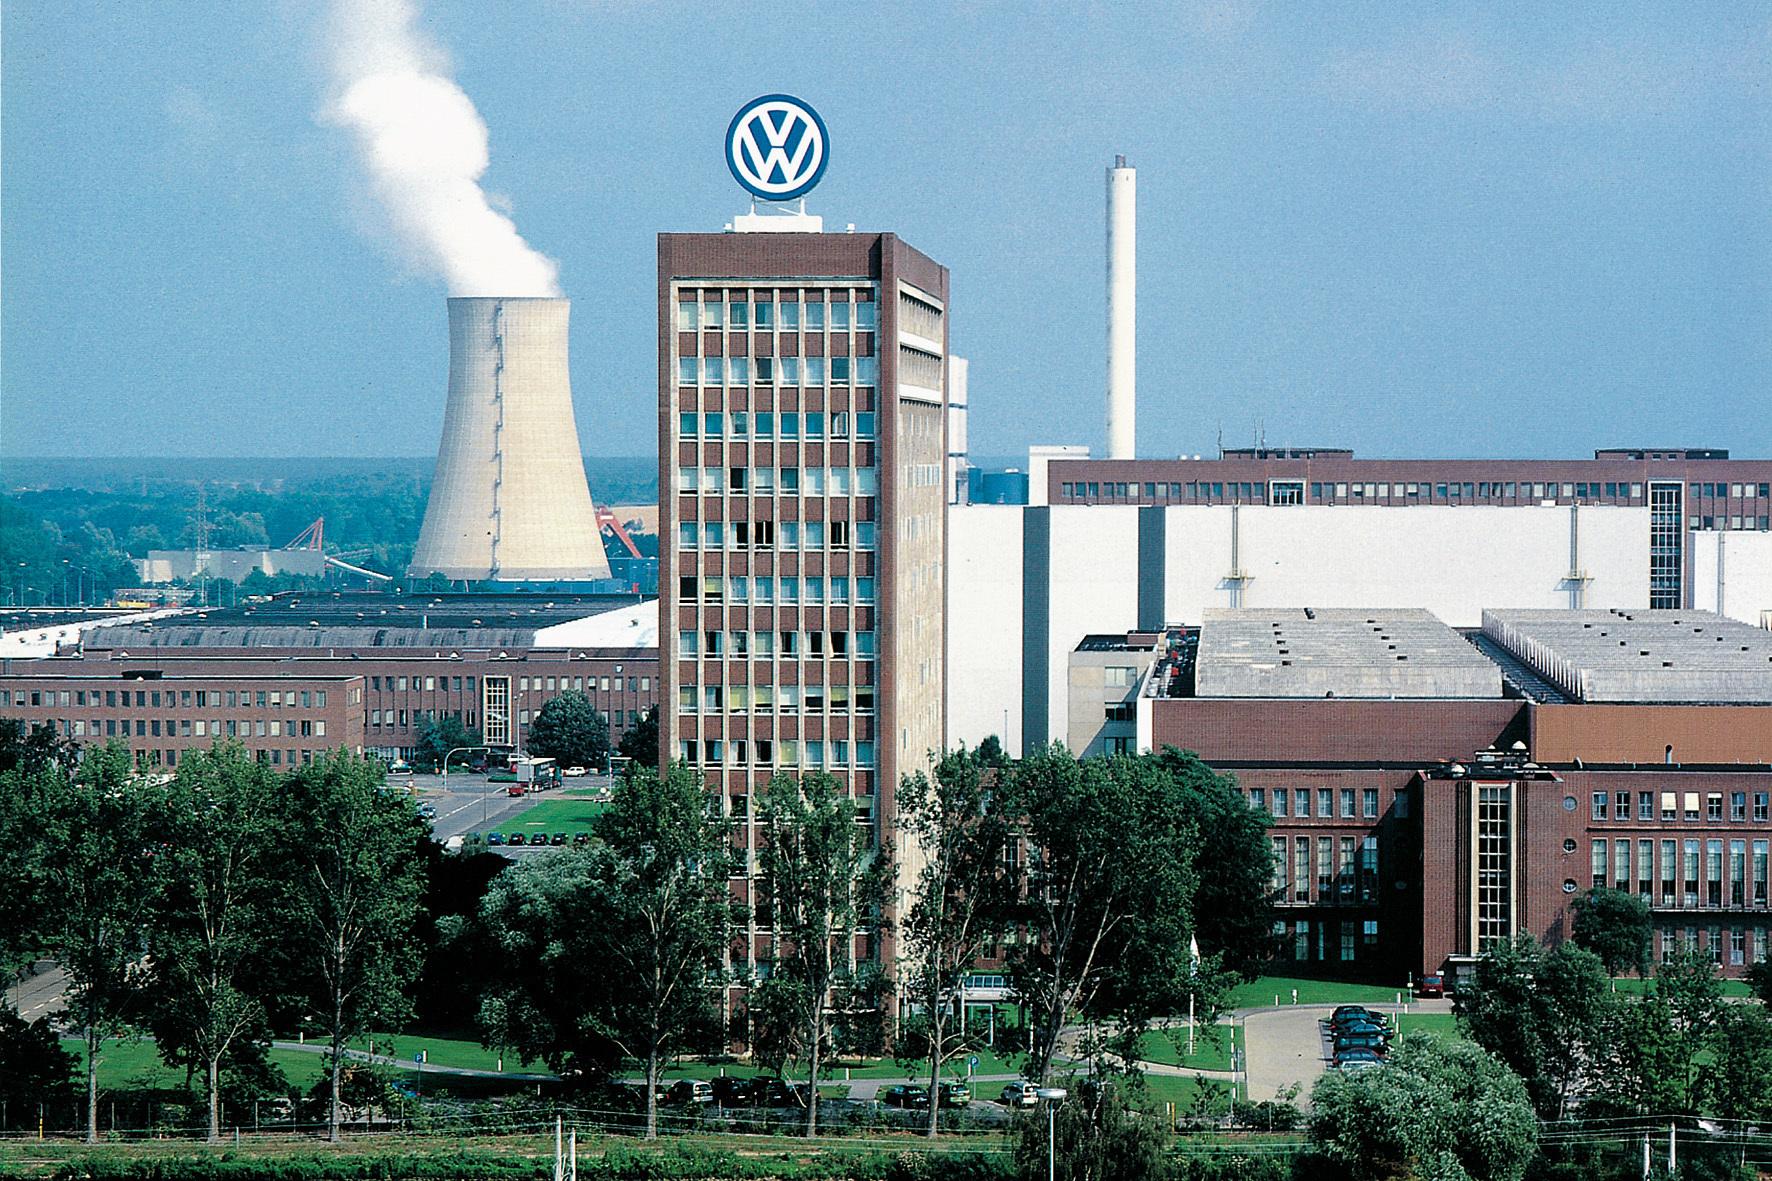 mid Düsseldorf - Absatz-Weltmeister: Volkswagen hat Toyota bei den Neuwagen-Verkäufen im ersten Halbjahr 2015 von der Spitzenposition verdrängt.